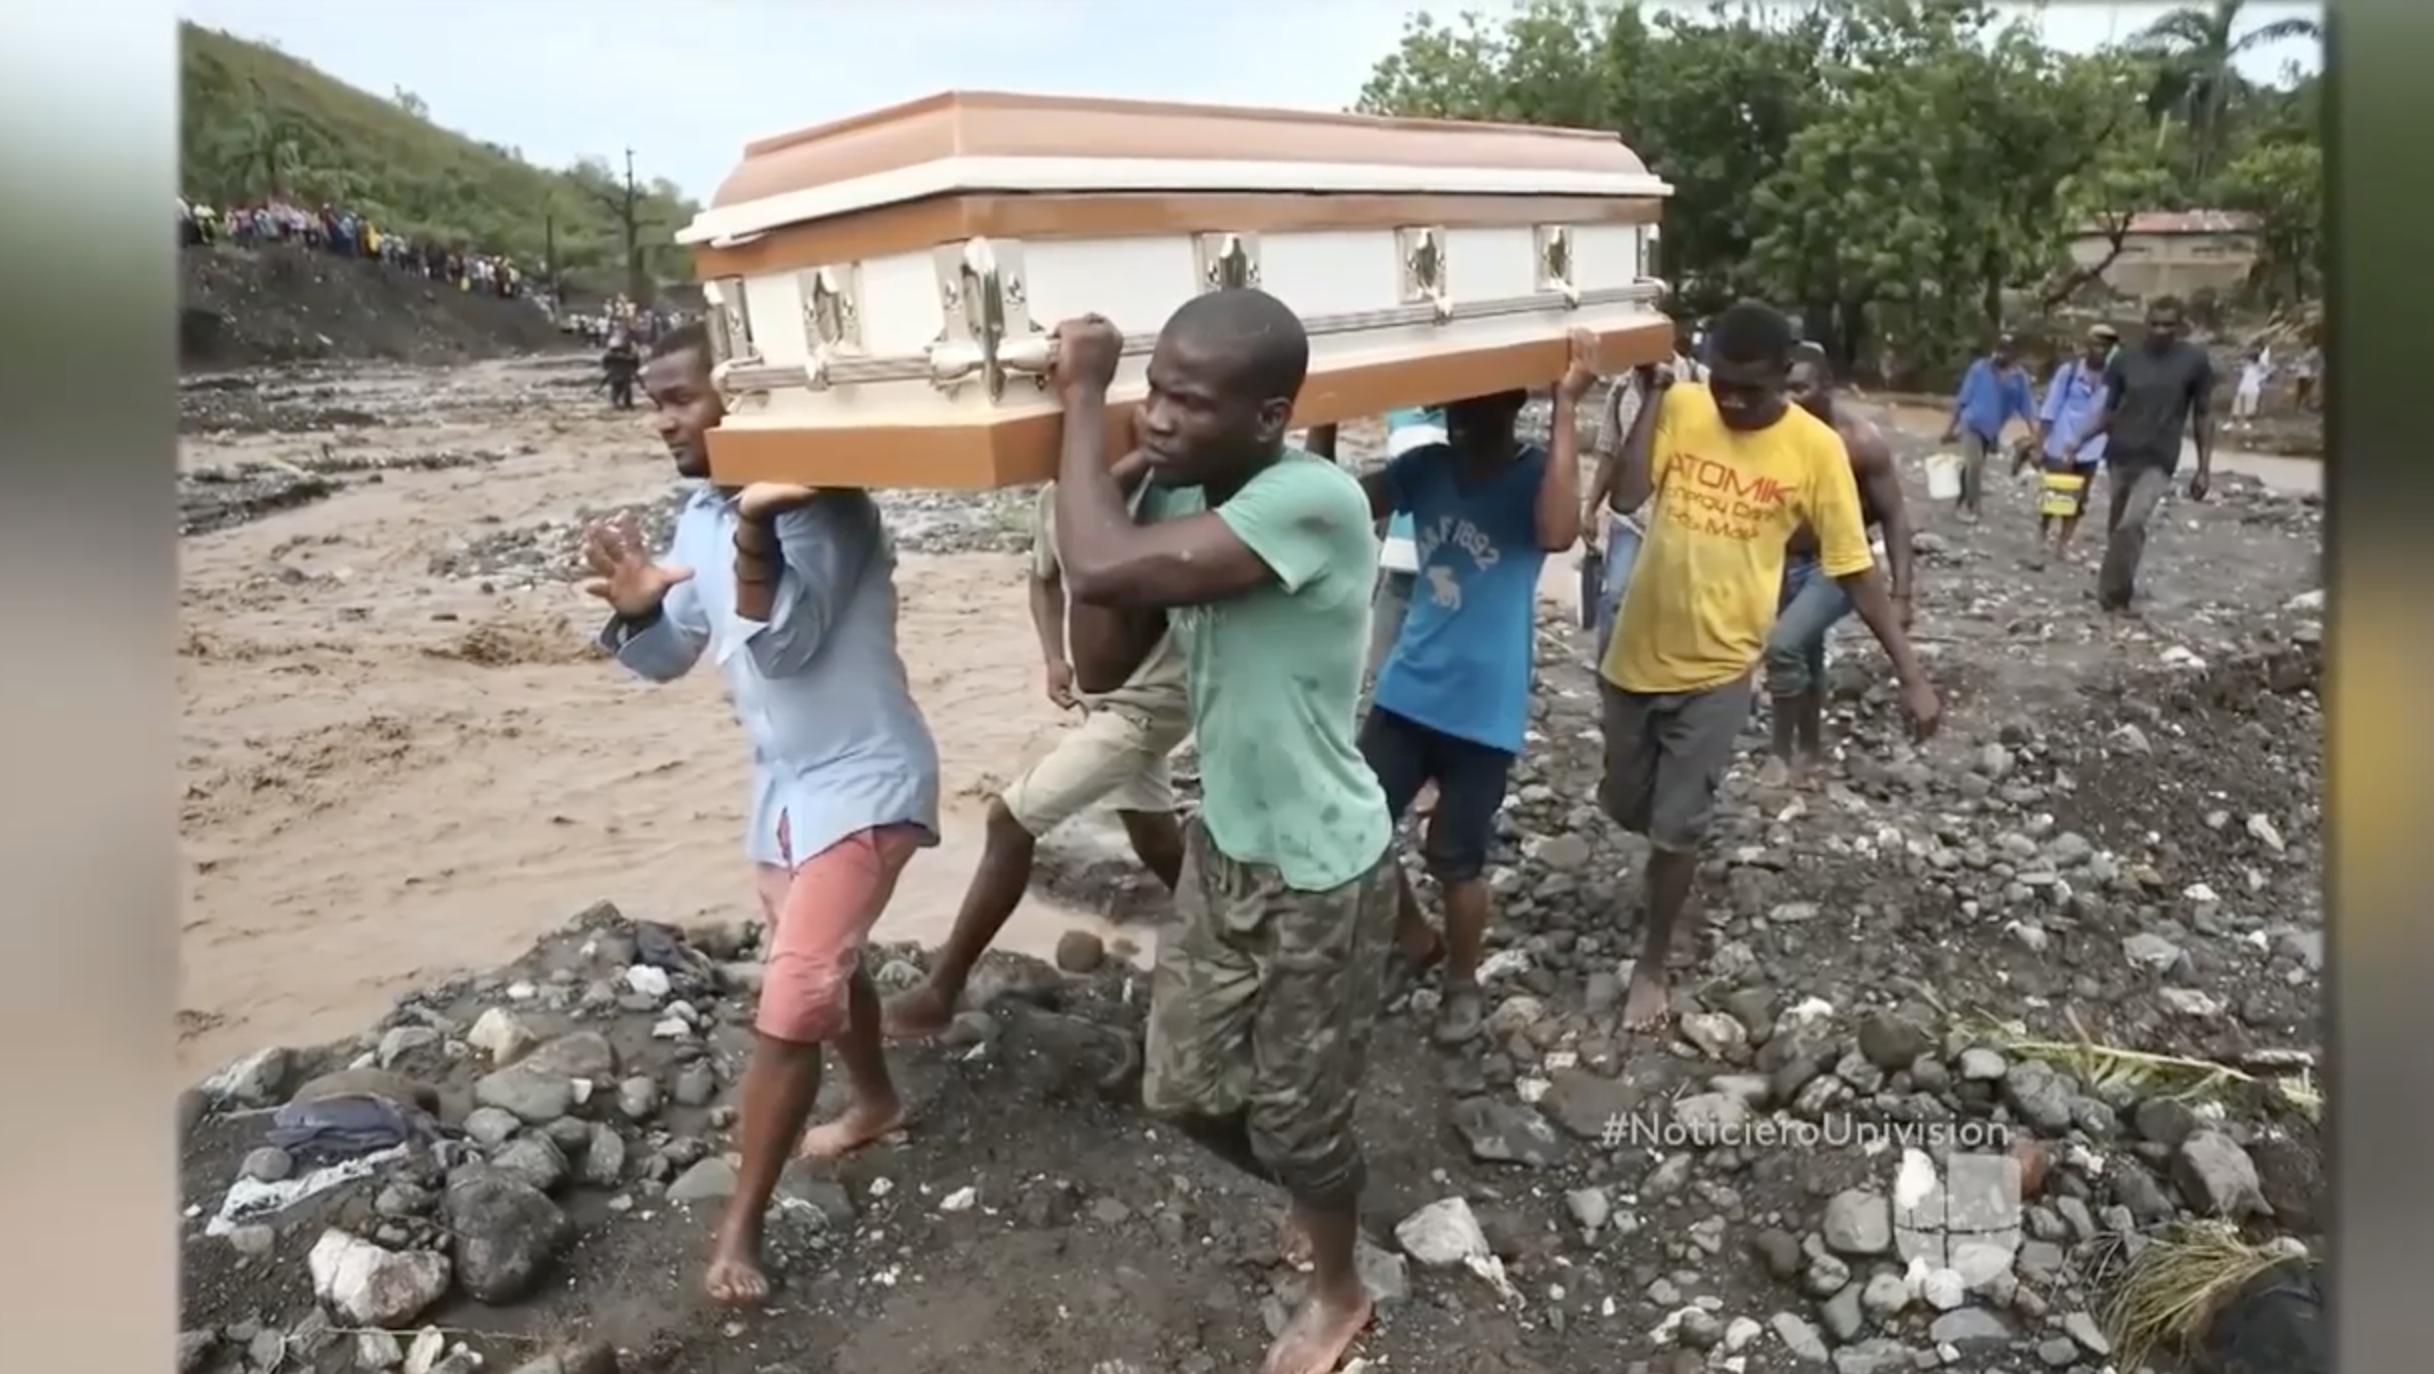 Ya consideran al huracán Matthew en Haiti como la peor crisis humanitaria desde el terremoto de 2010